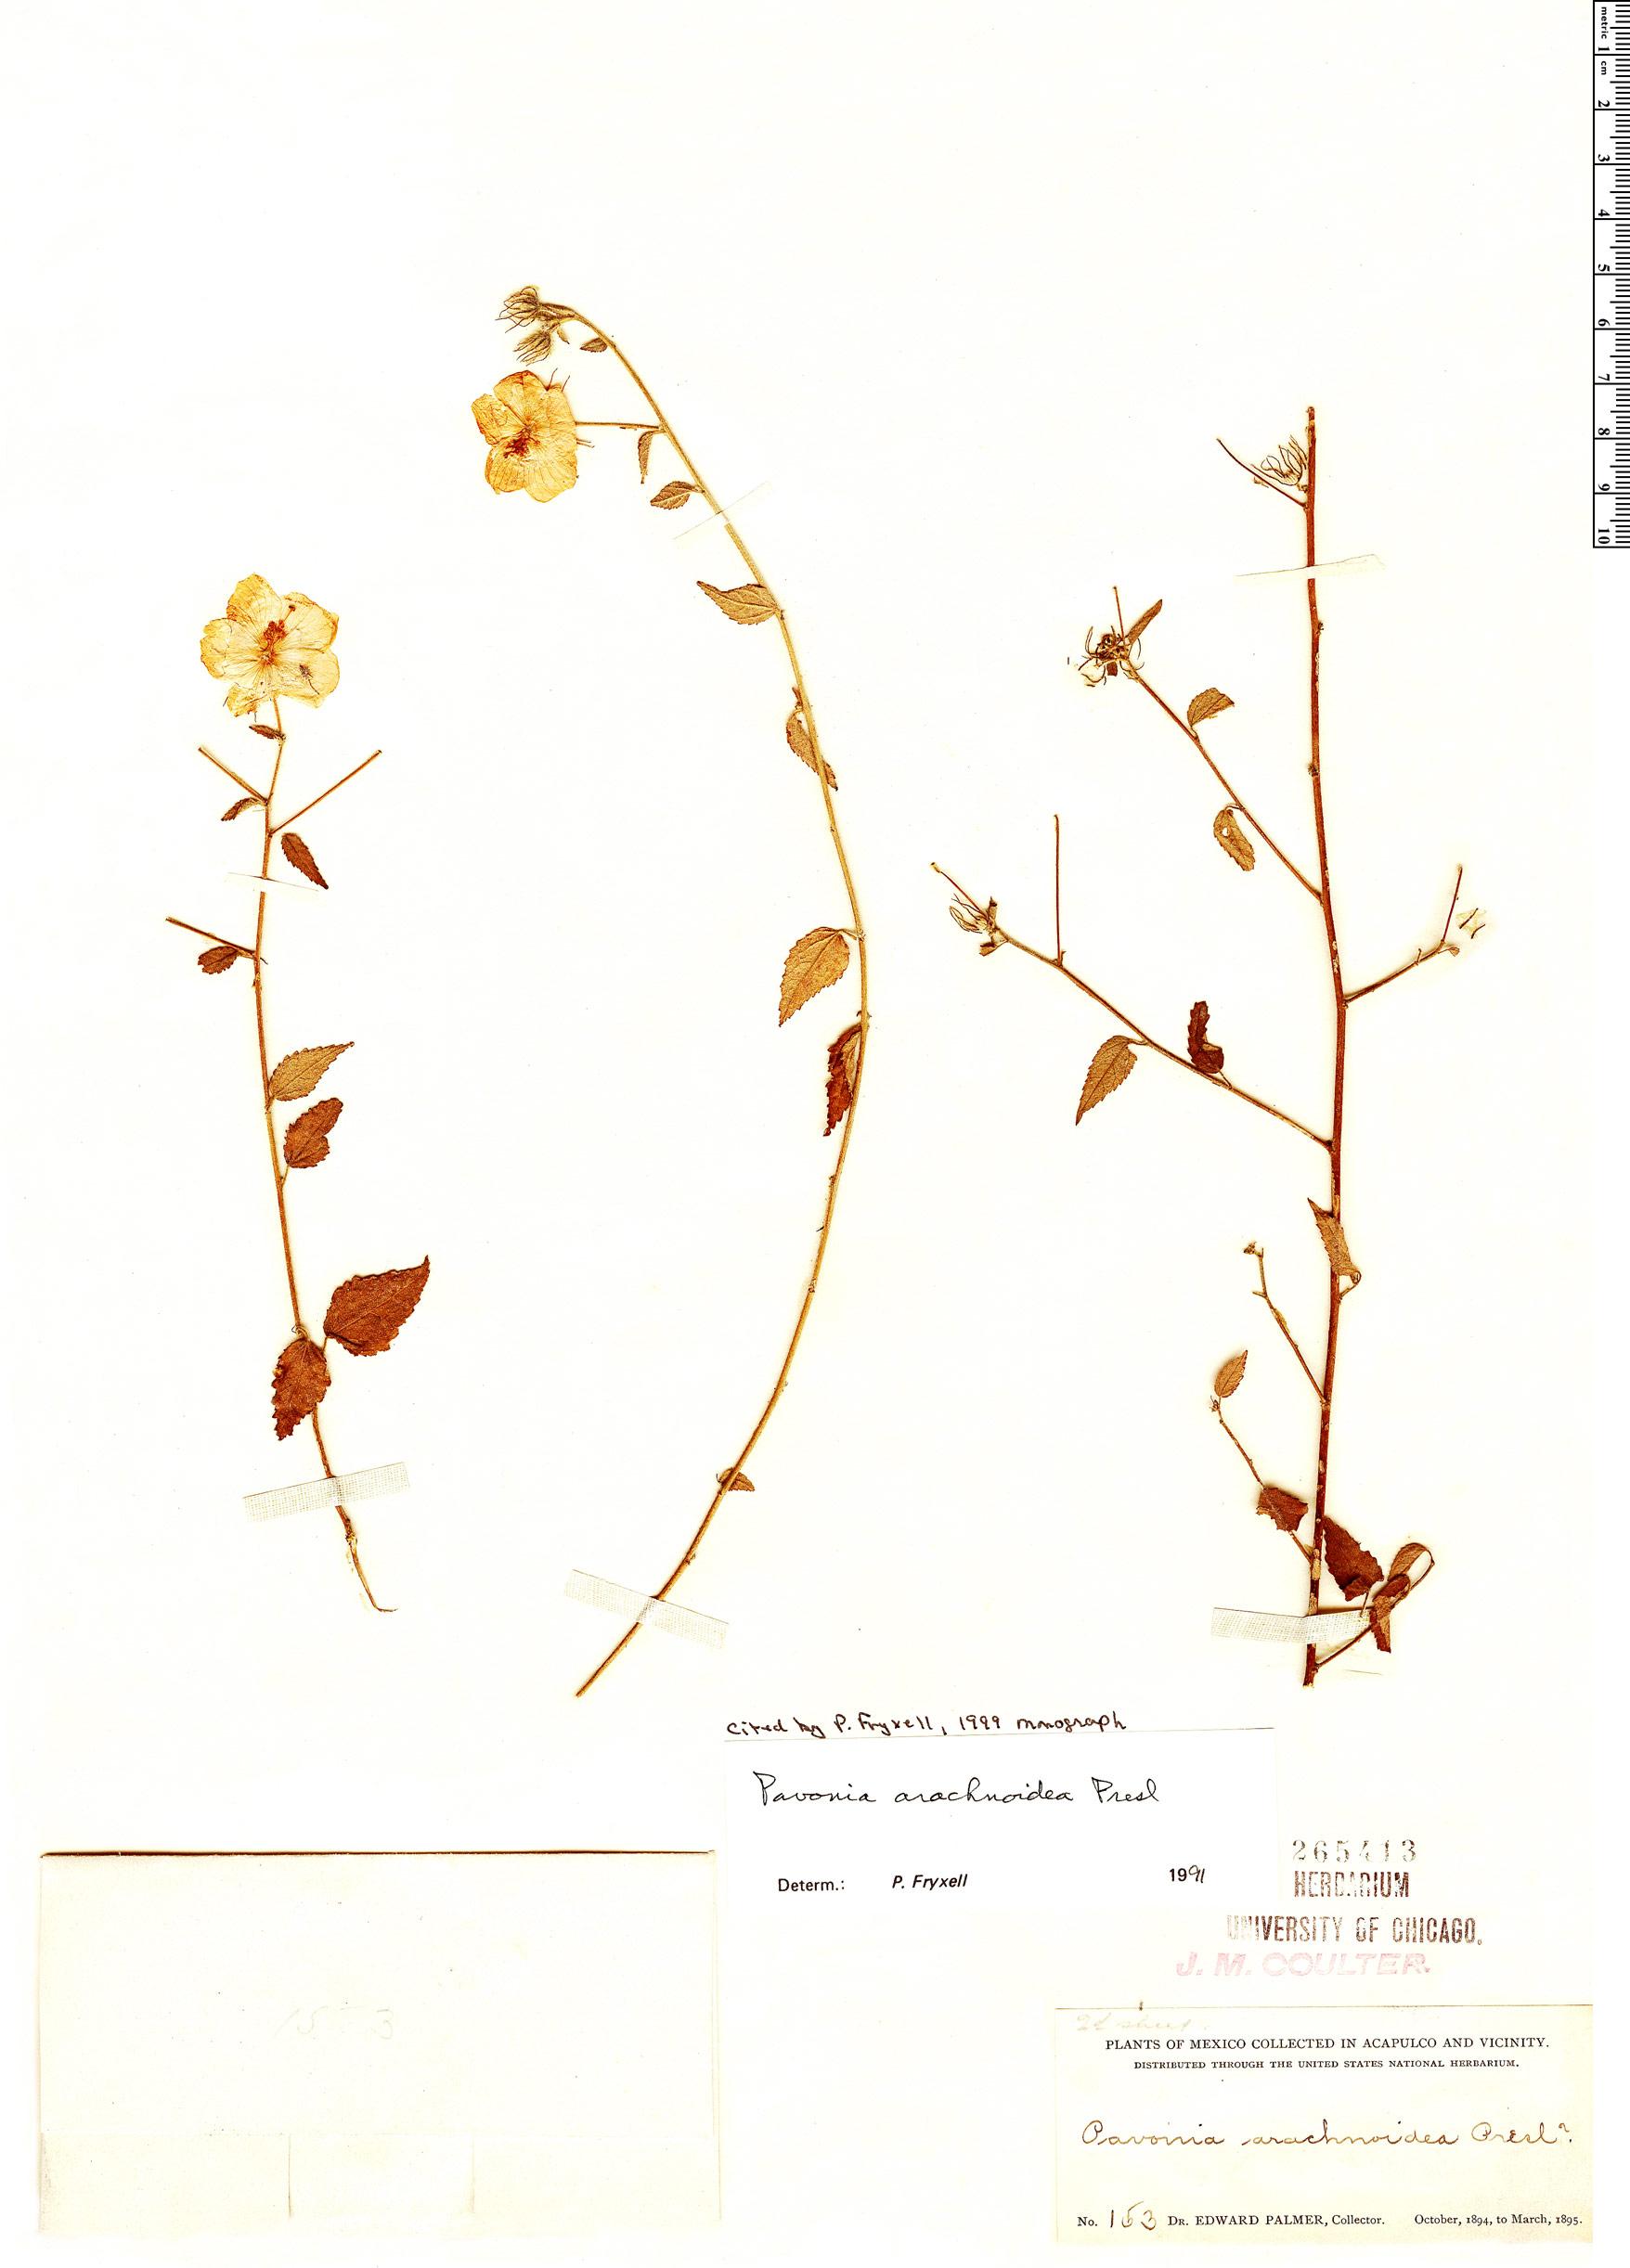 Specimen: Pavonia arachnoidea